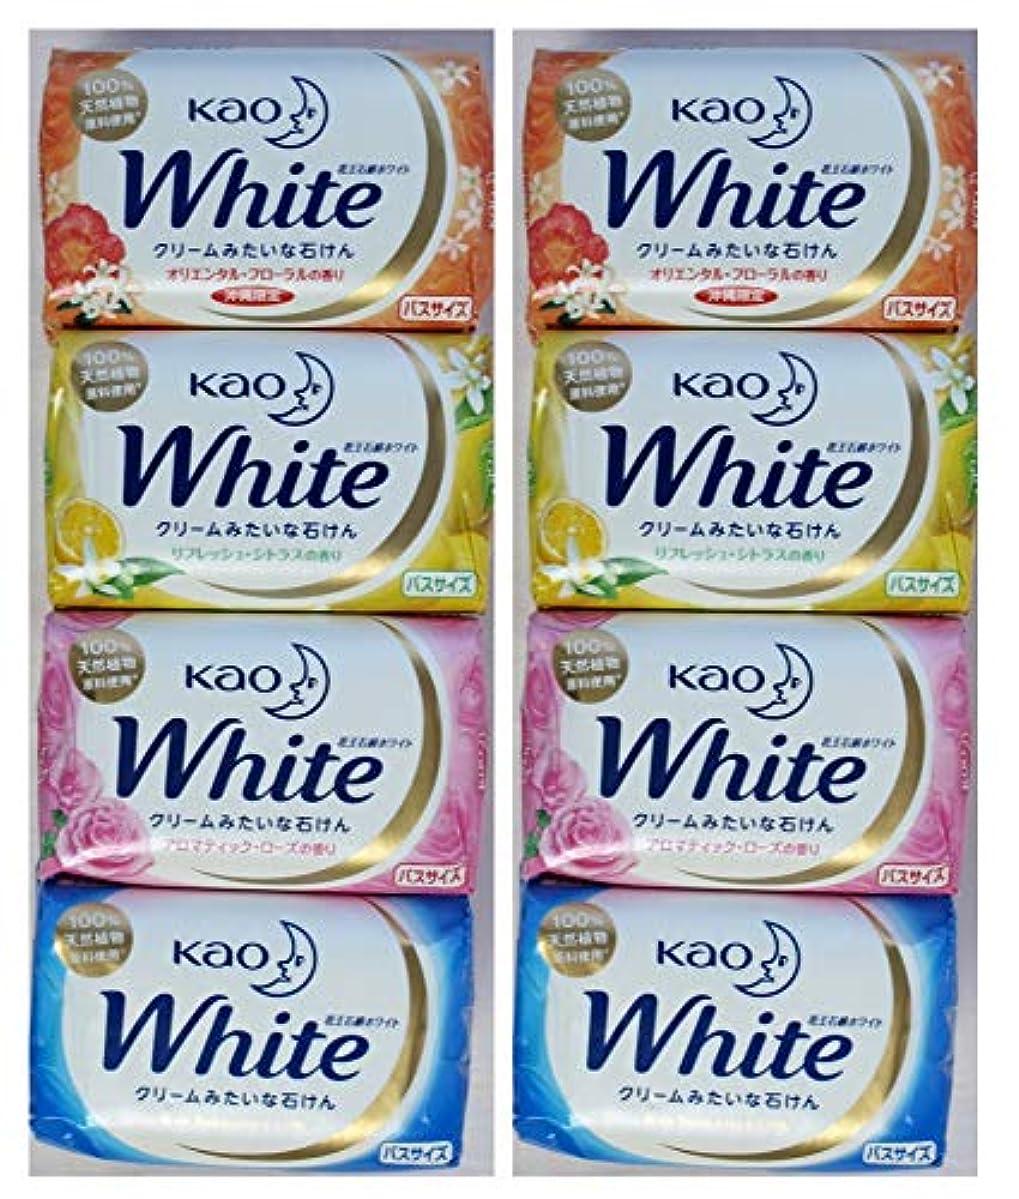 モード優雅エレクトロニック561988-8P 花王 Kao 石けんホワイト 4つの香り(オリエンタルフローラル/ホワイトフローラル/アロマティックローズ/リフレッシュシトラスの4種) 130g×4種×2set 計8個